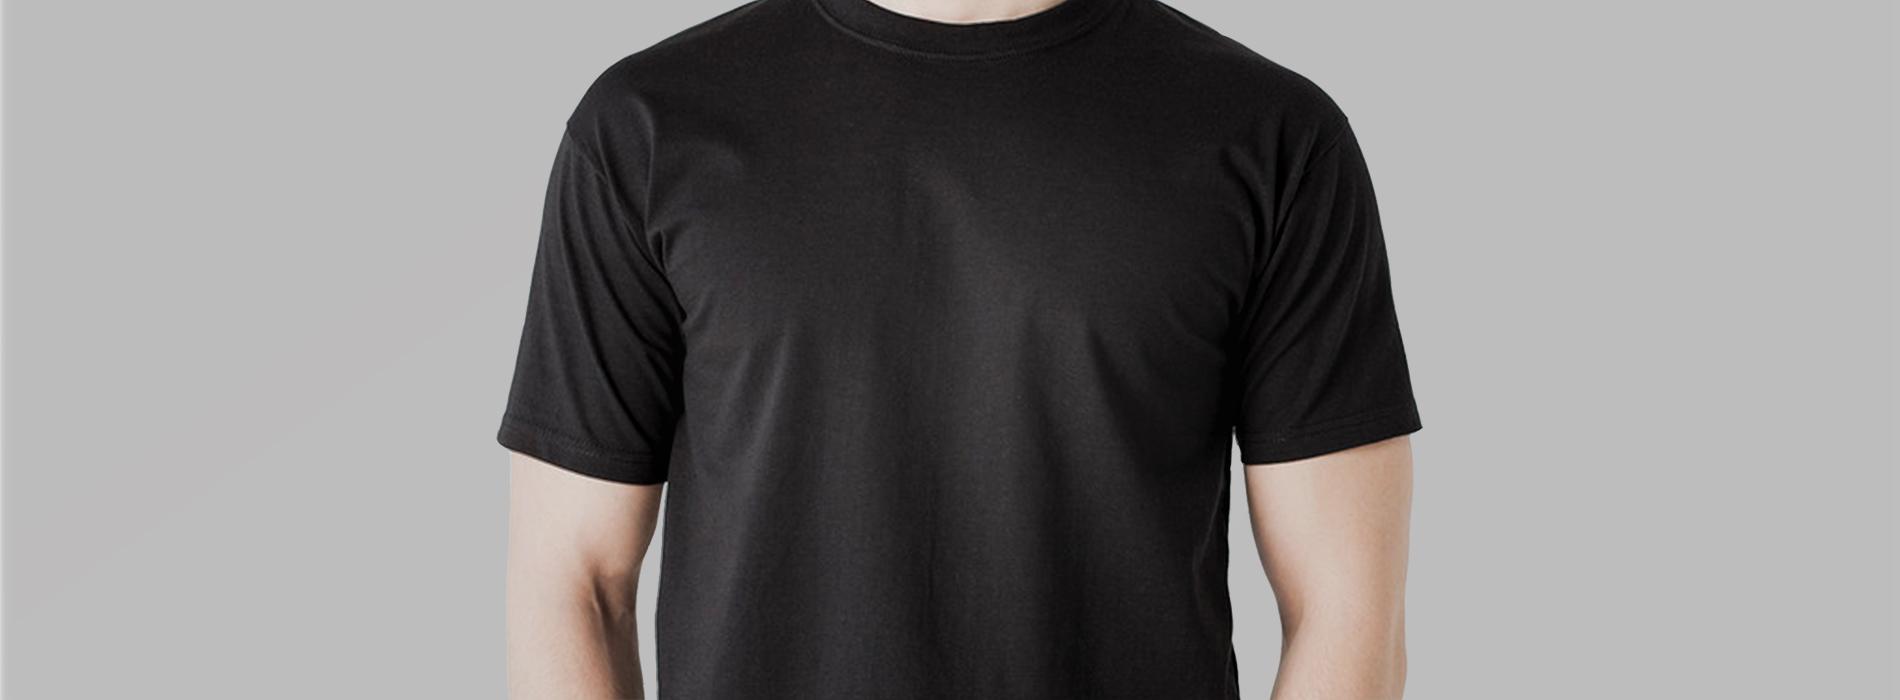 werbedesign-tauber_tshirt-druck_slider